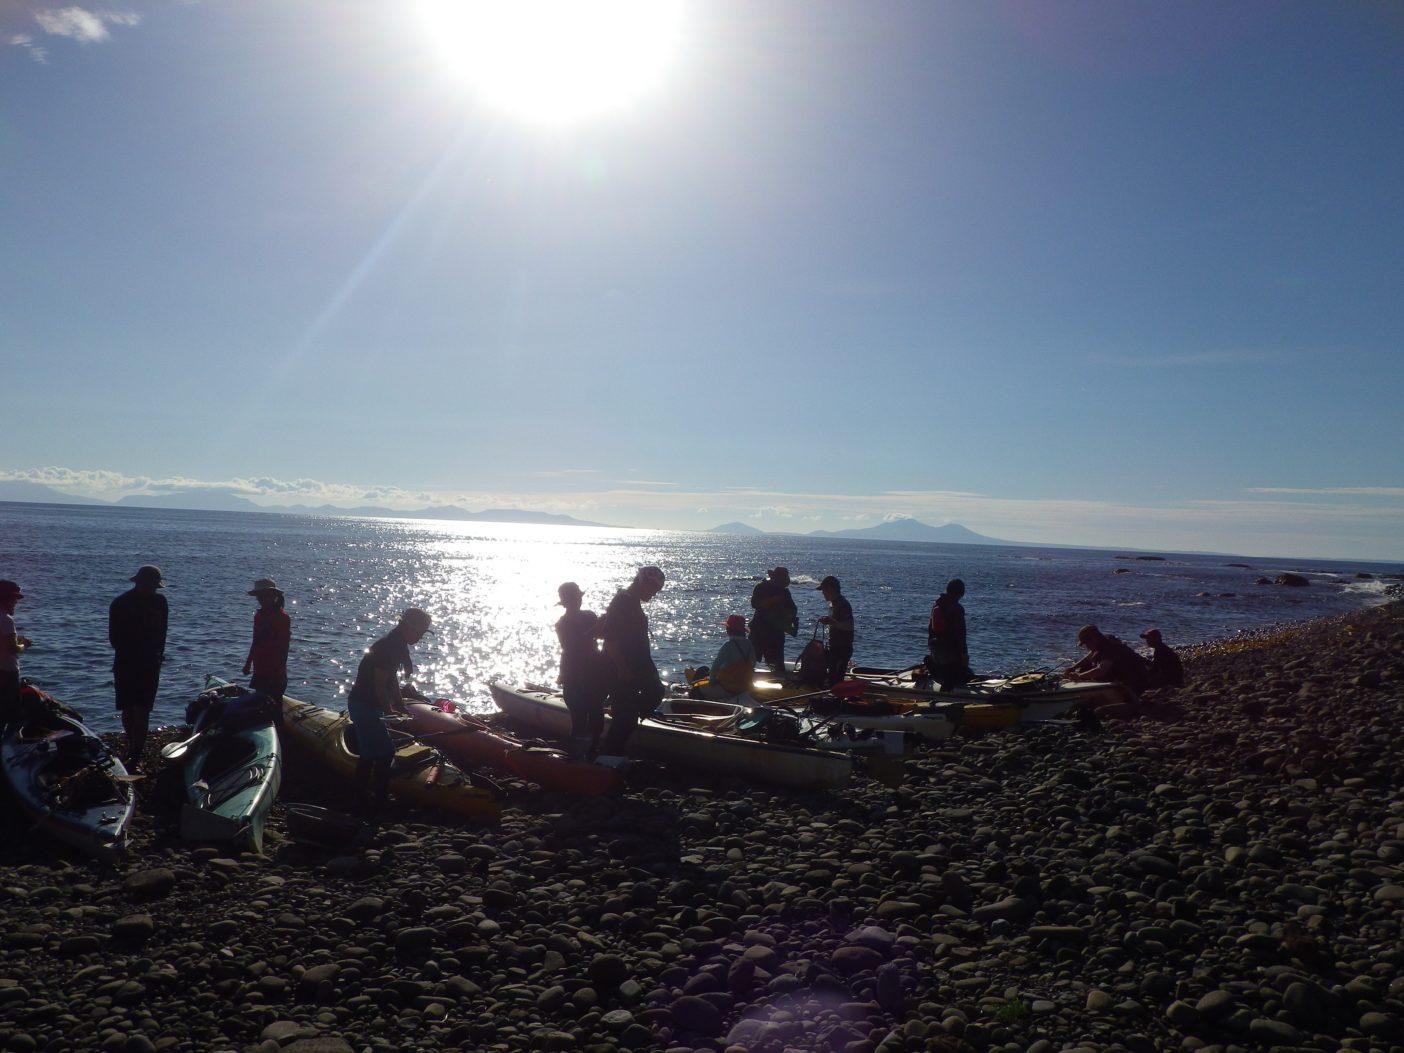 北方領土・国後島を望む穏やかな朝。写真:島田和彦